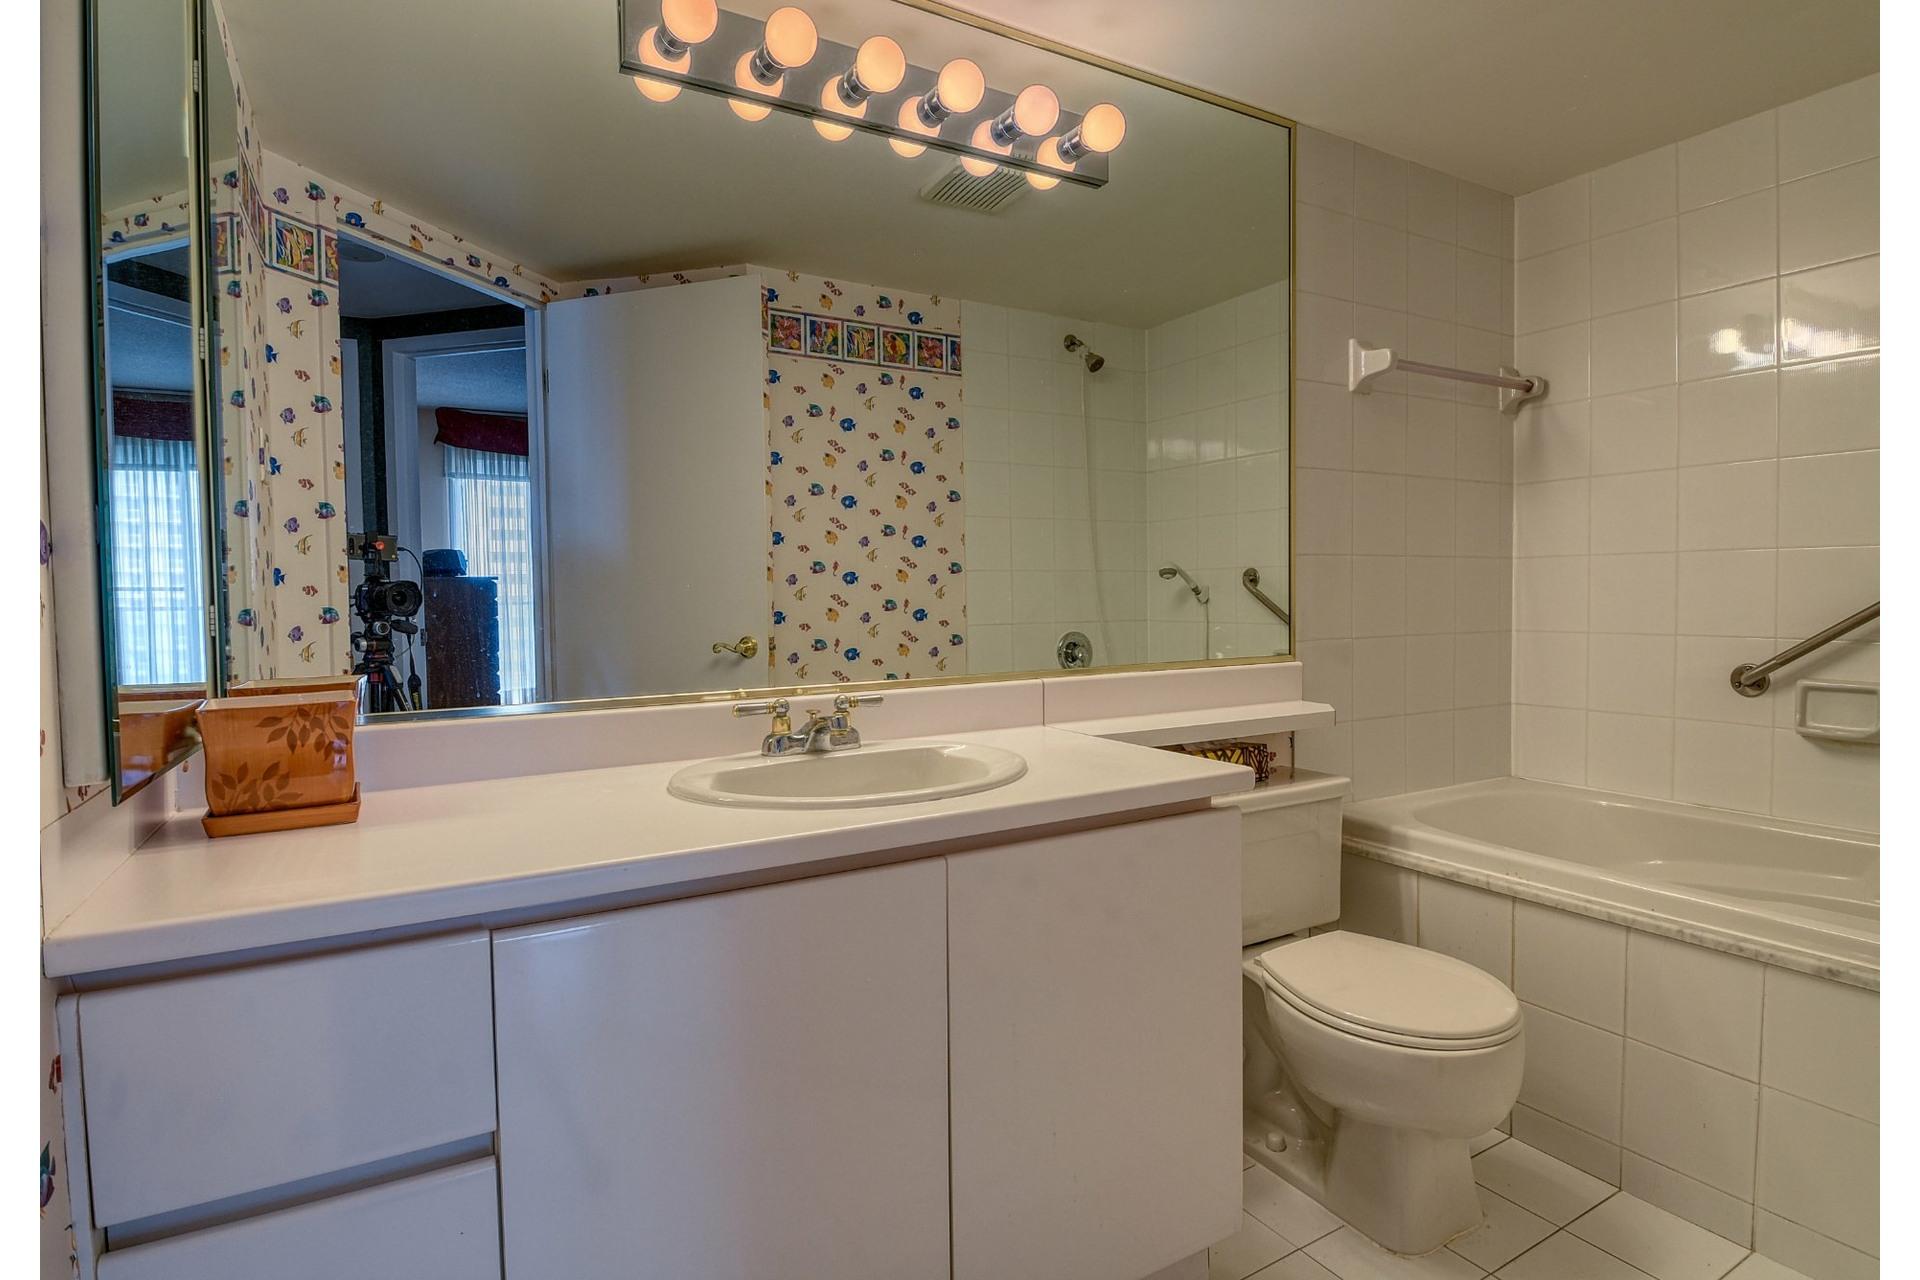 image 12 - Appartement À vendre Montréal-Nord Montréal  - 6 pièces